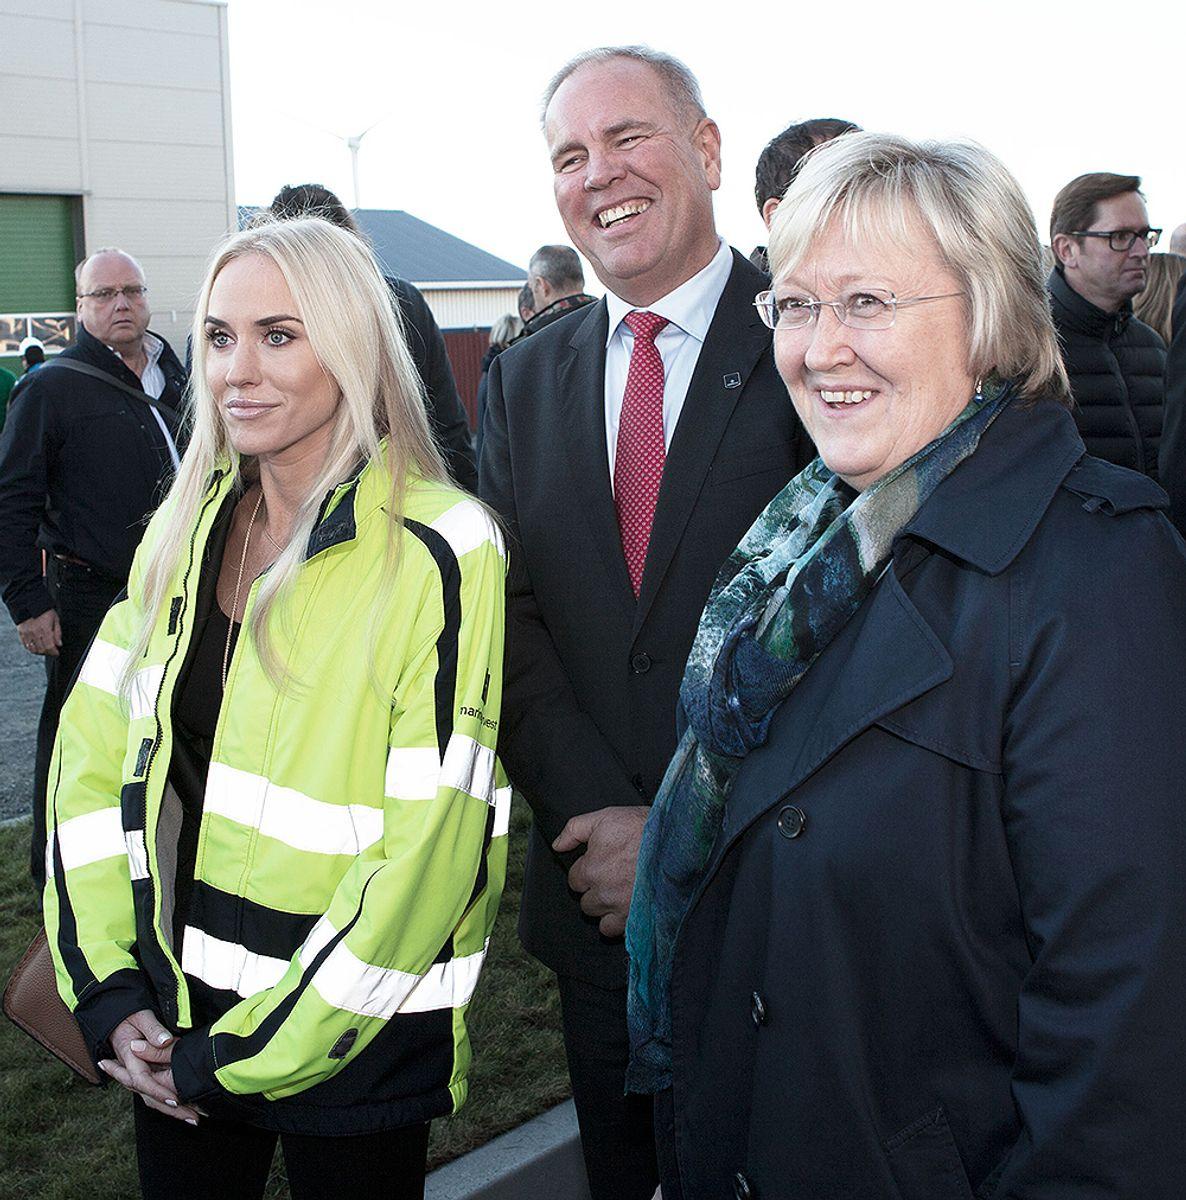 Fra venstre: Styremedlem Cecilie Fredriksen, styreleder Ole Eirik Lerøy og fiskeriminister Elisabeth Aspaker. Foto: Rune Røstad, Punch Reklame